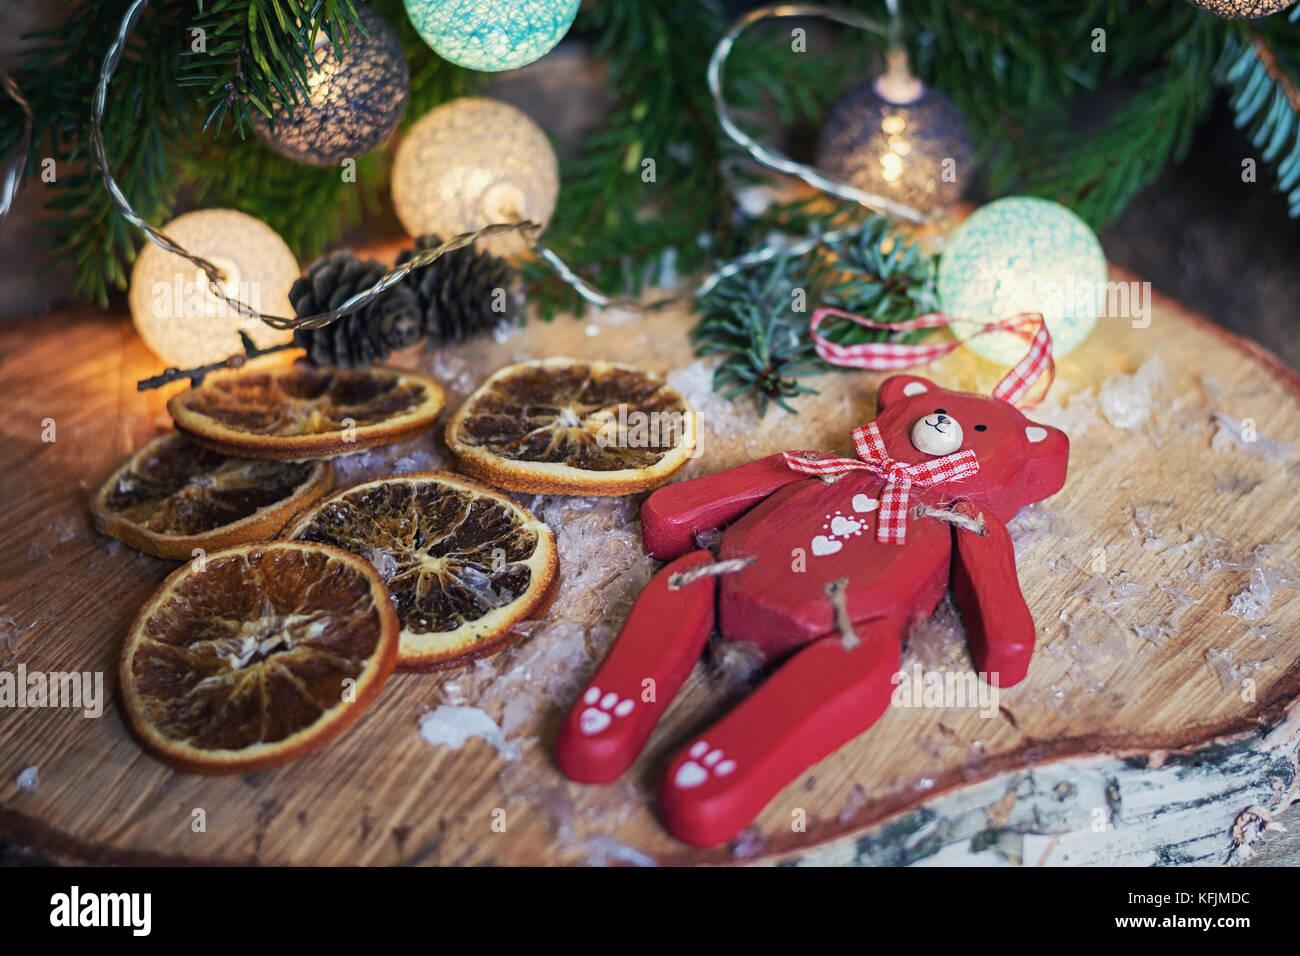 Oso de madera roja tumbado sobre un disco de madera de abedul delante de una sucursal de navidad decorado con bolas de Navidad iluminado Foto de stock